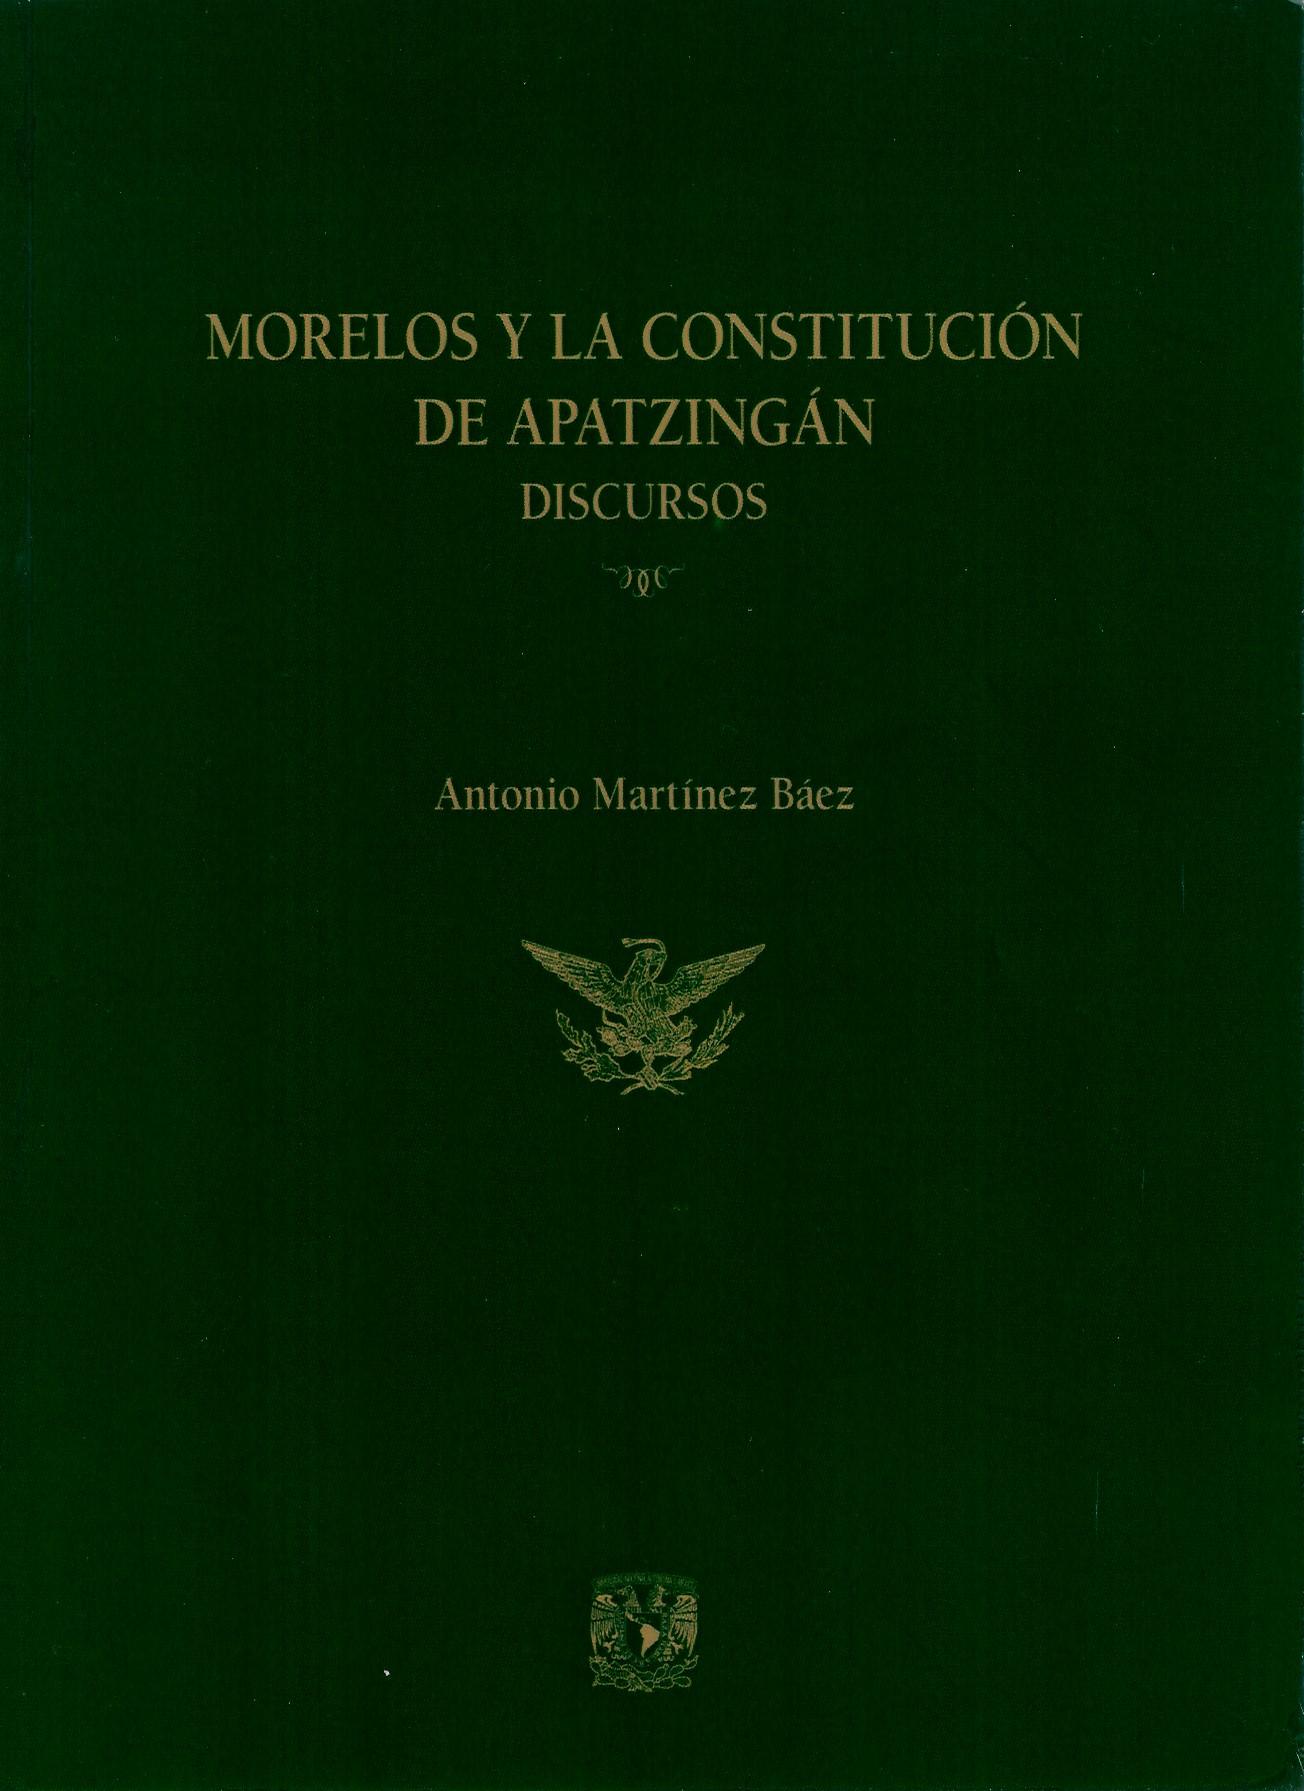 Morelos y la Constitución de Apatzingán